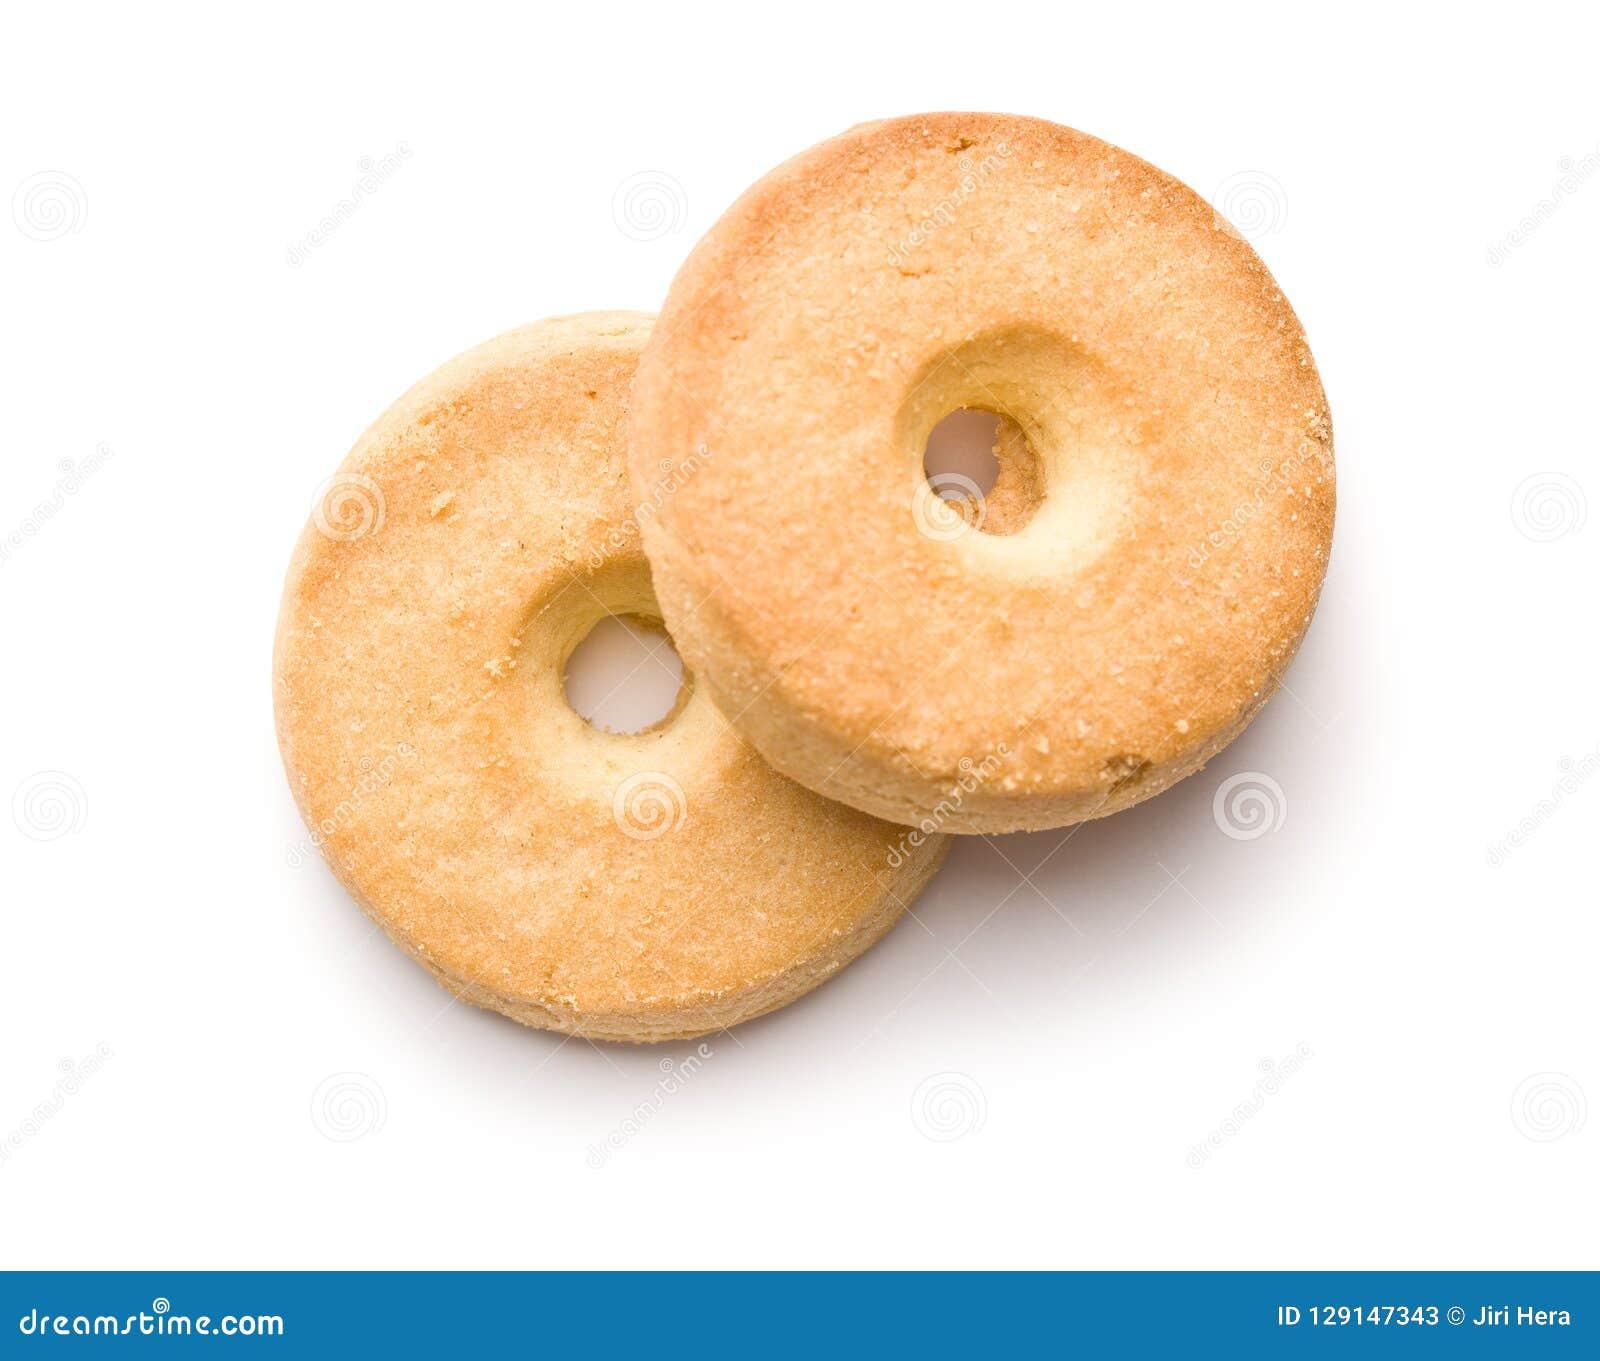 Biscuits de beurre doux